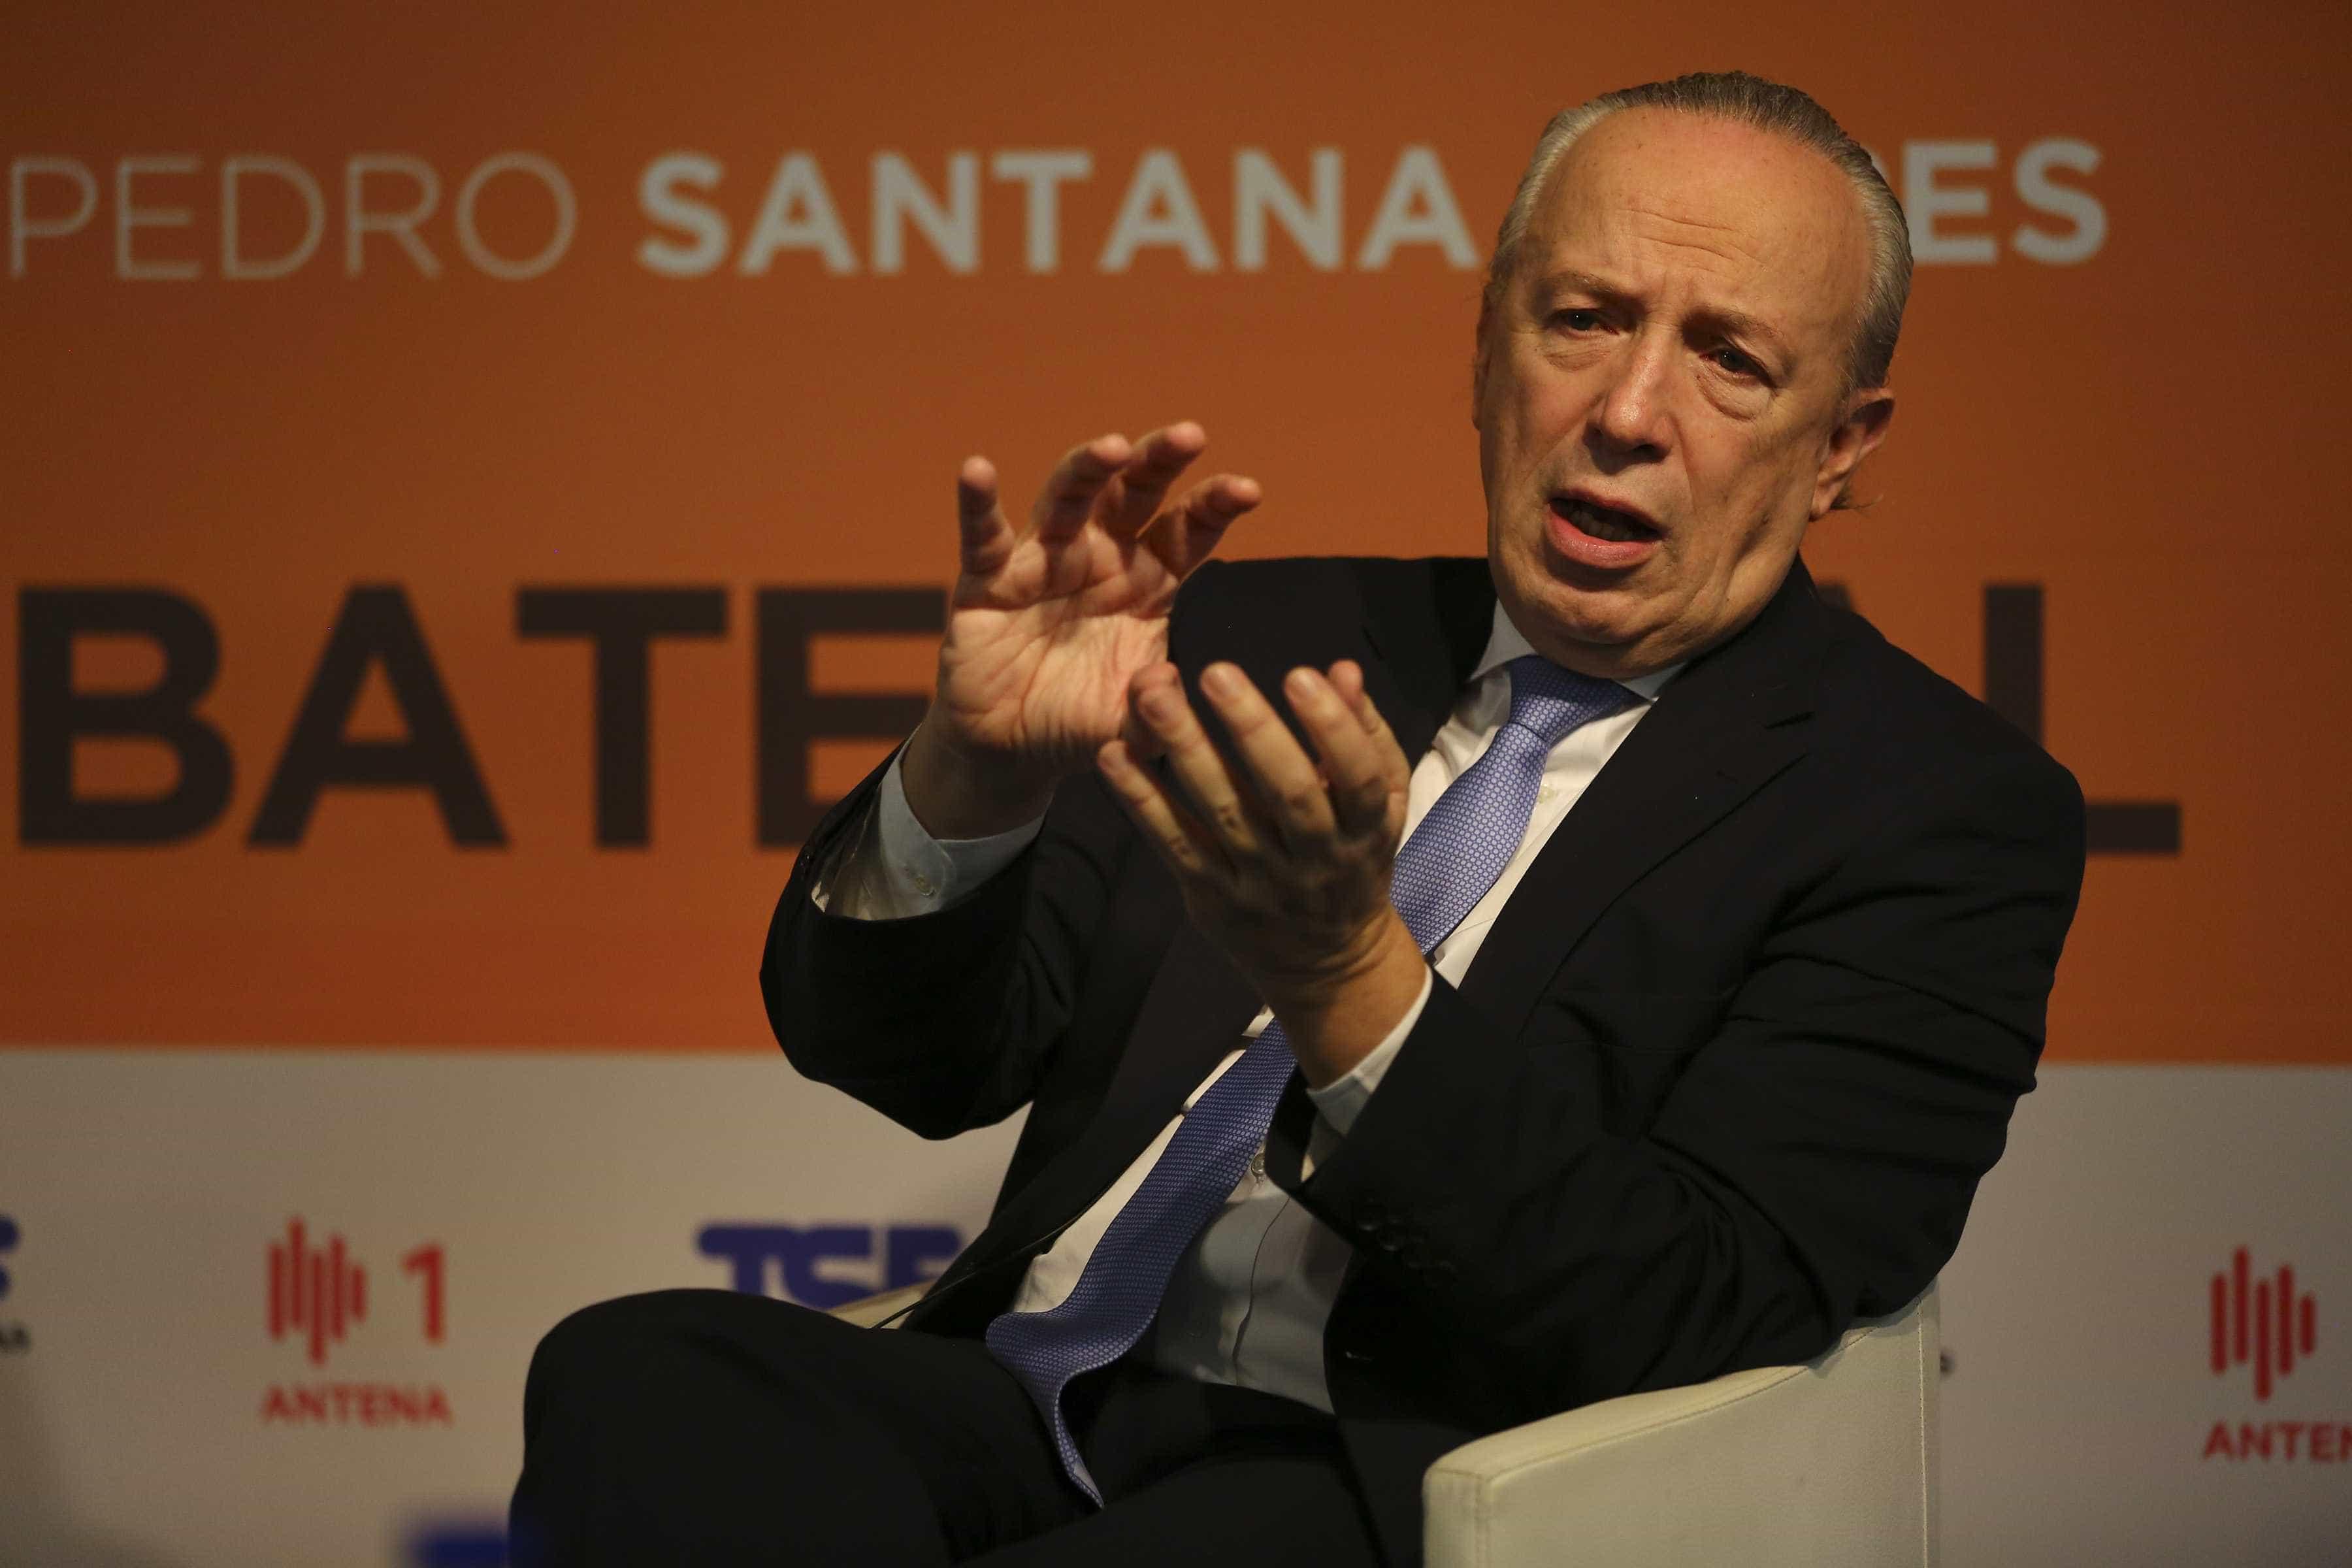 """Caso José Silvano: """"Se isso fosse verdade, seria gravíssimo"""""""